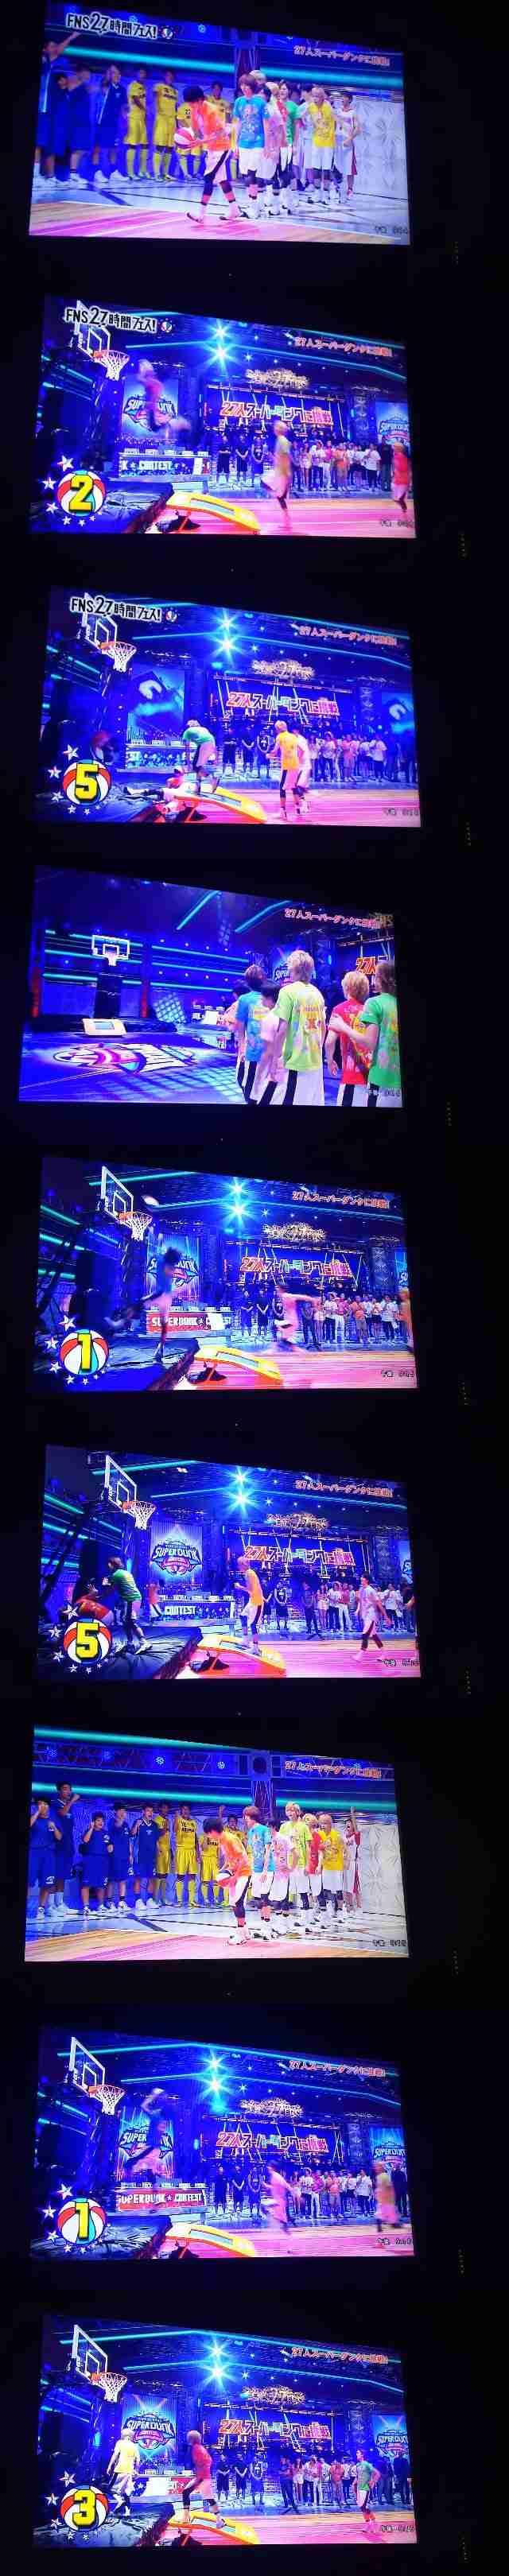 『27時間テレビ』のオチがひどい! 27人スーパーダンクに挑戦 →失敗なのに成功扱いにして番組終了